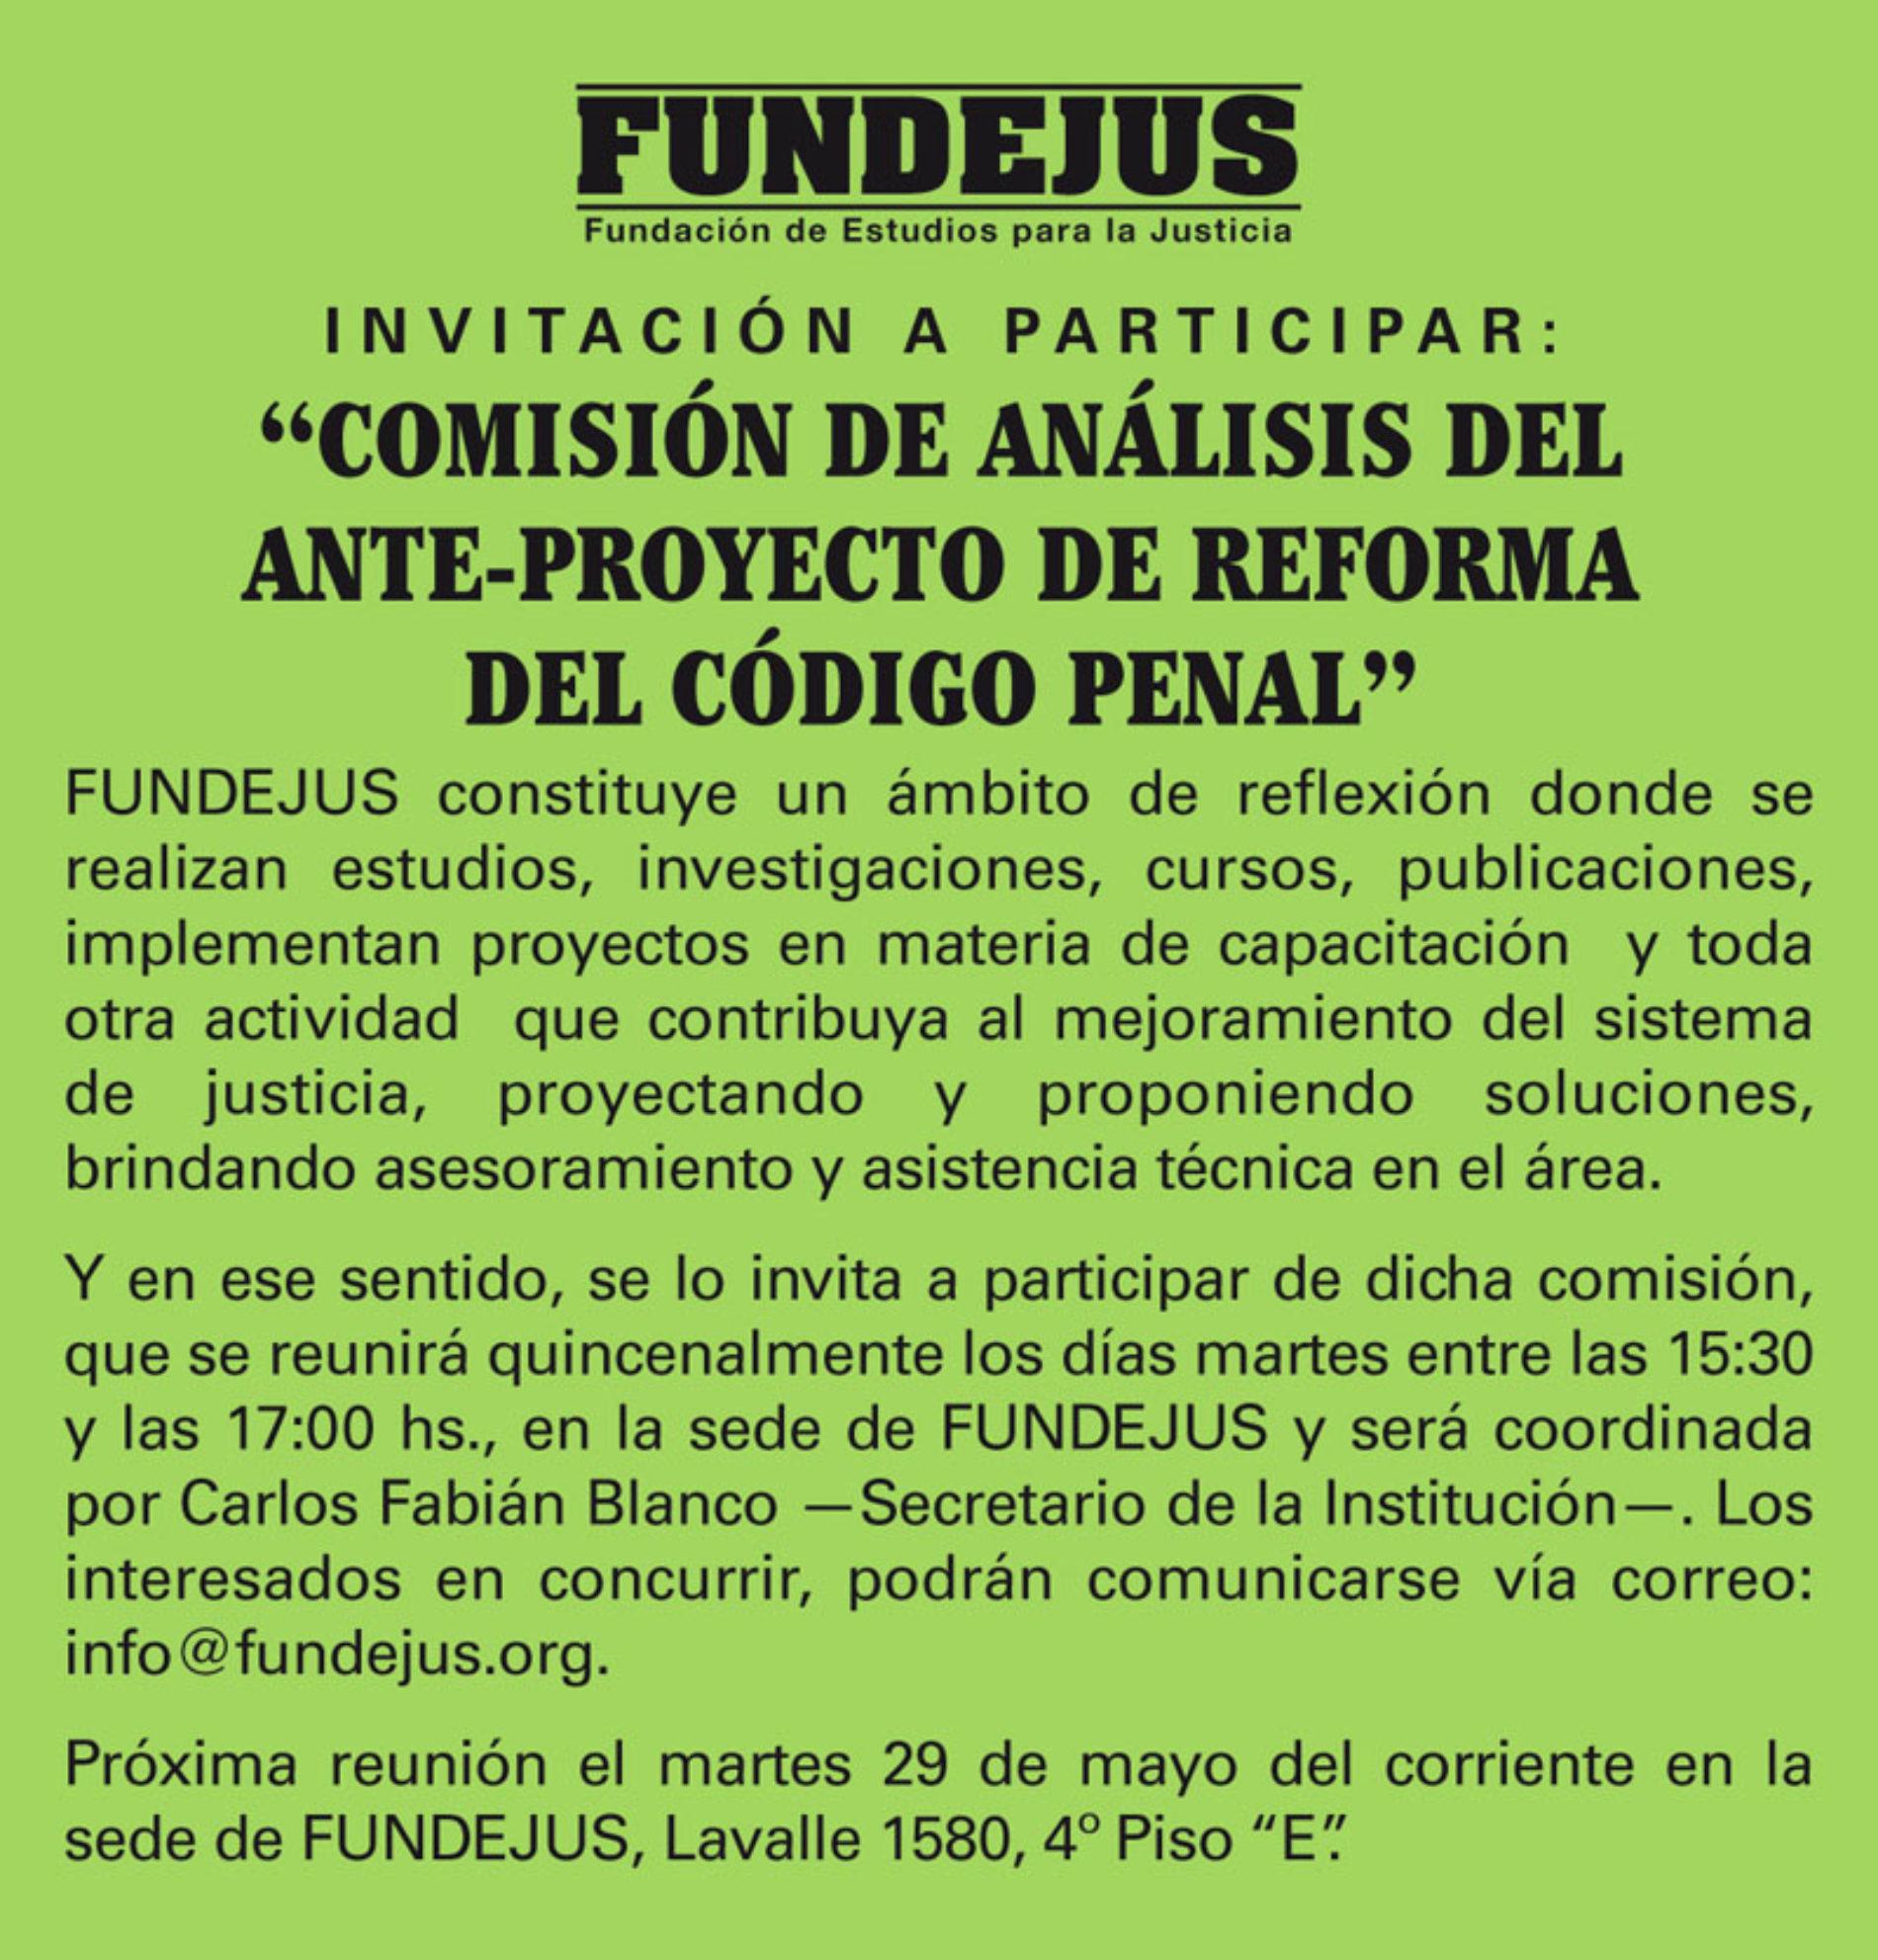 Invitación a participar: «COMISIÓN DE ANÁLISIS DEL ANTE-PROYECTO DE REFORMA DEL CÓDIGO PENAL».